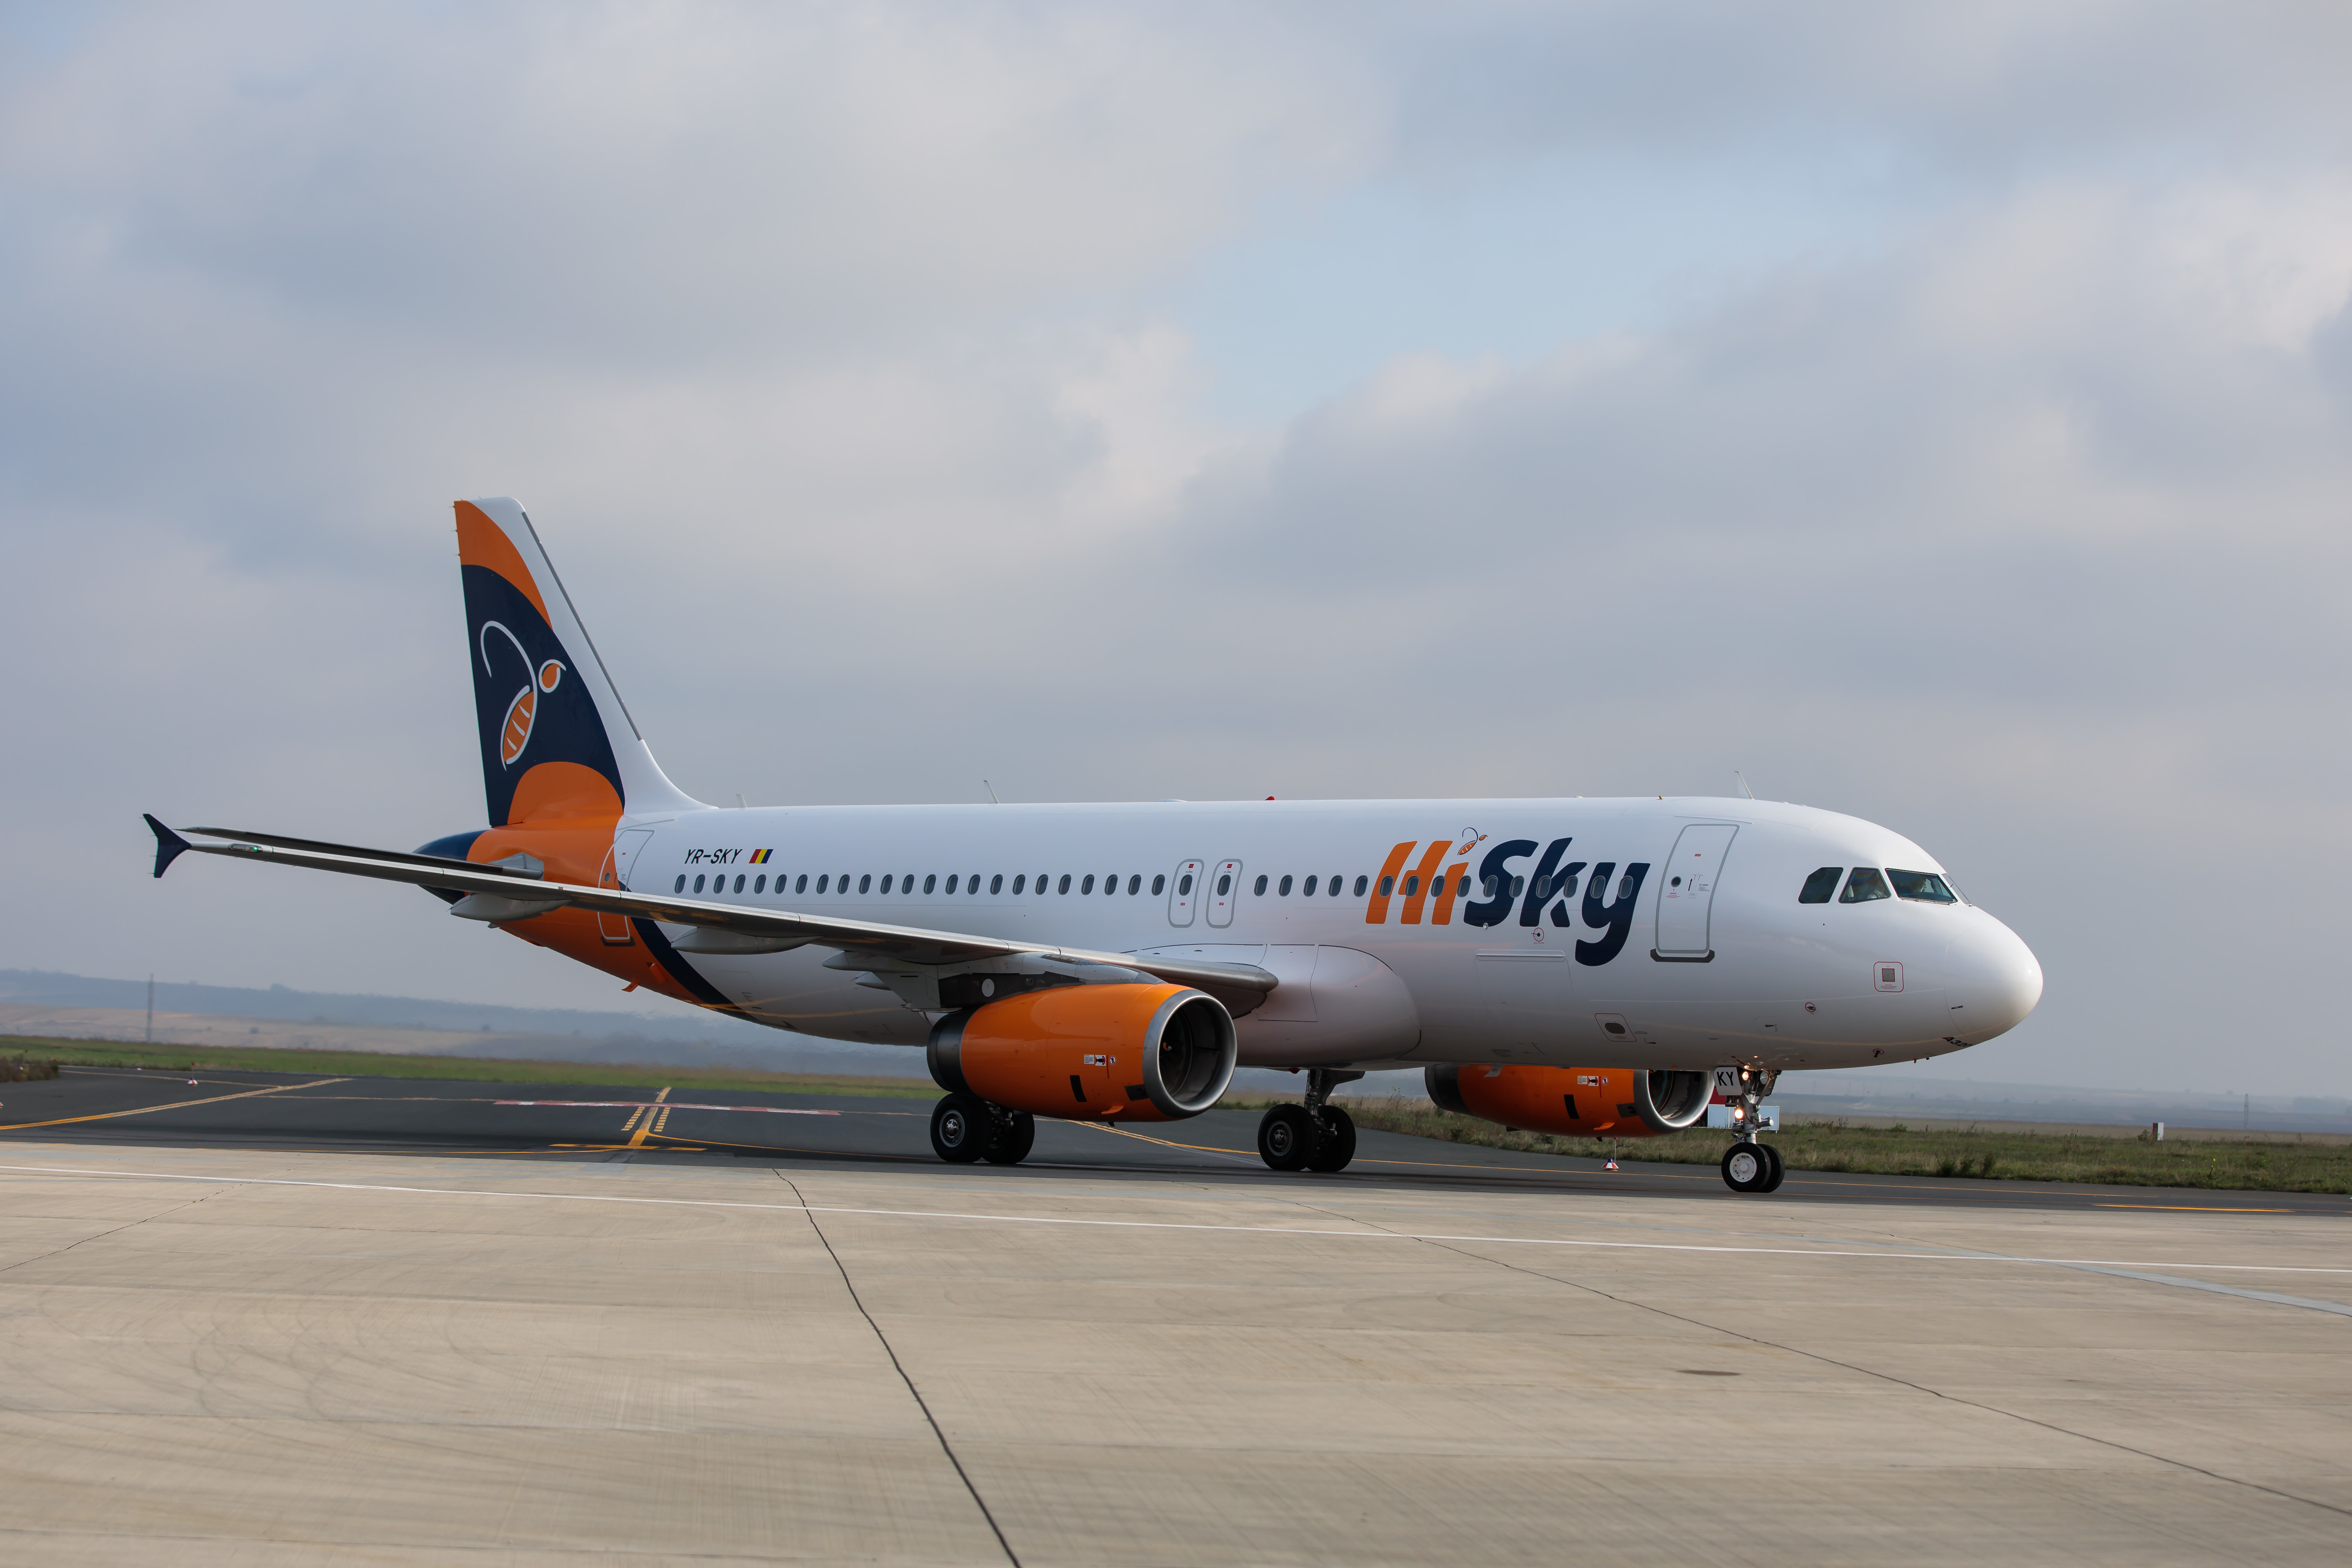 HiSky își mărește flota cu încă un Airbus. Noul avion a fost asamblat în 2014